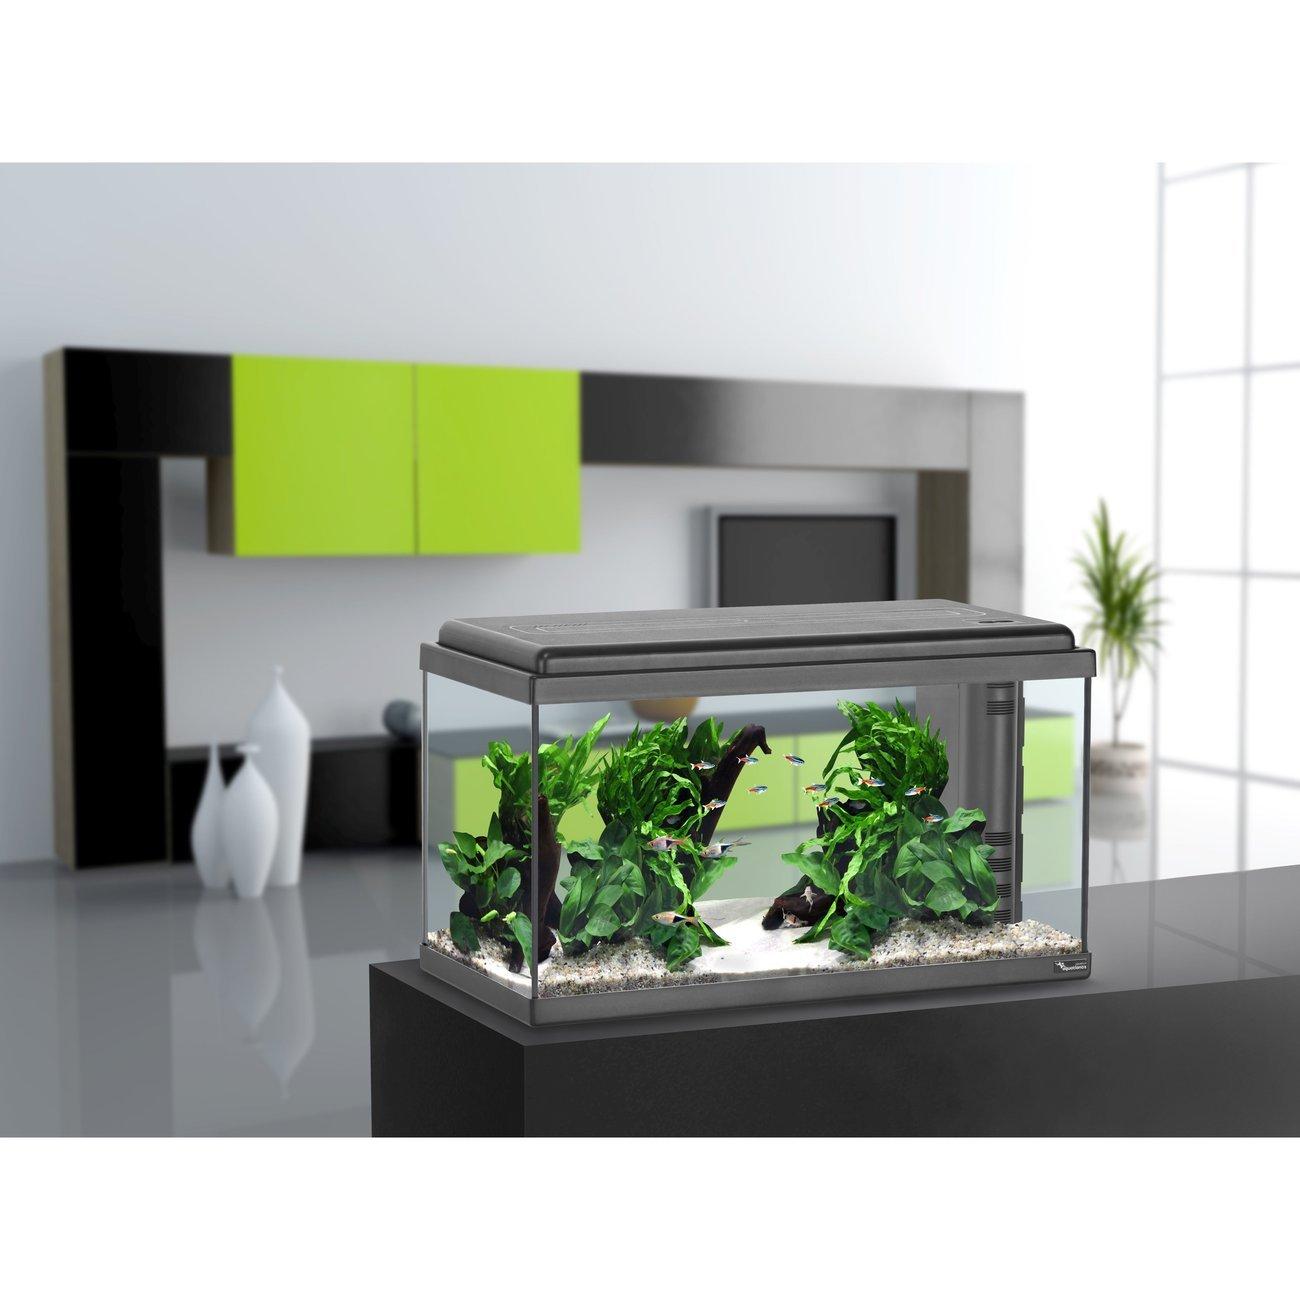 Aquatlantis Advance 60 LED Aquarium, Bild 3